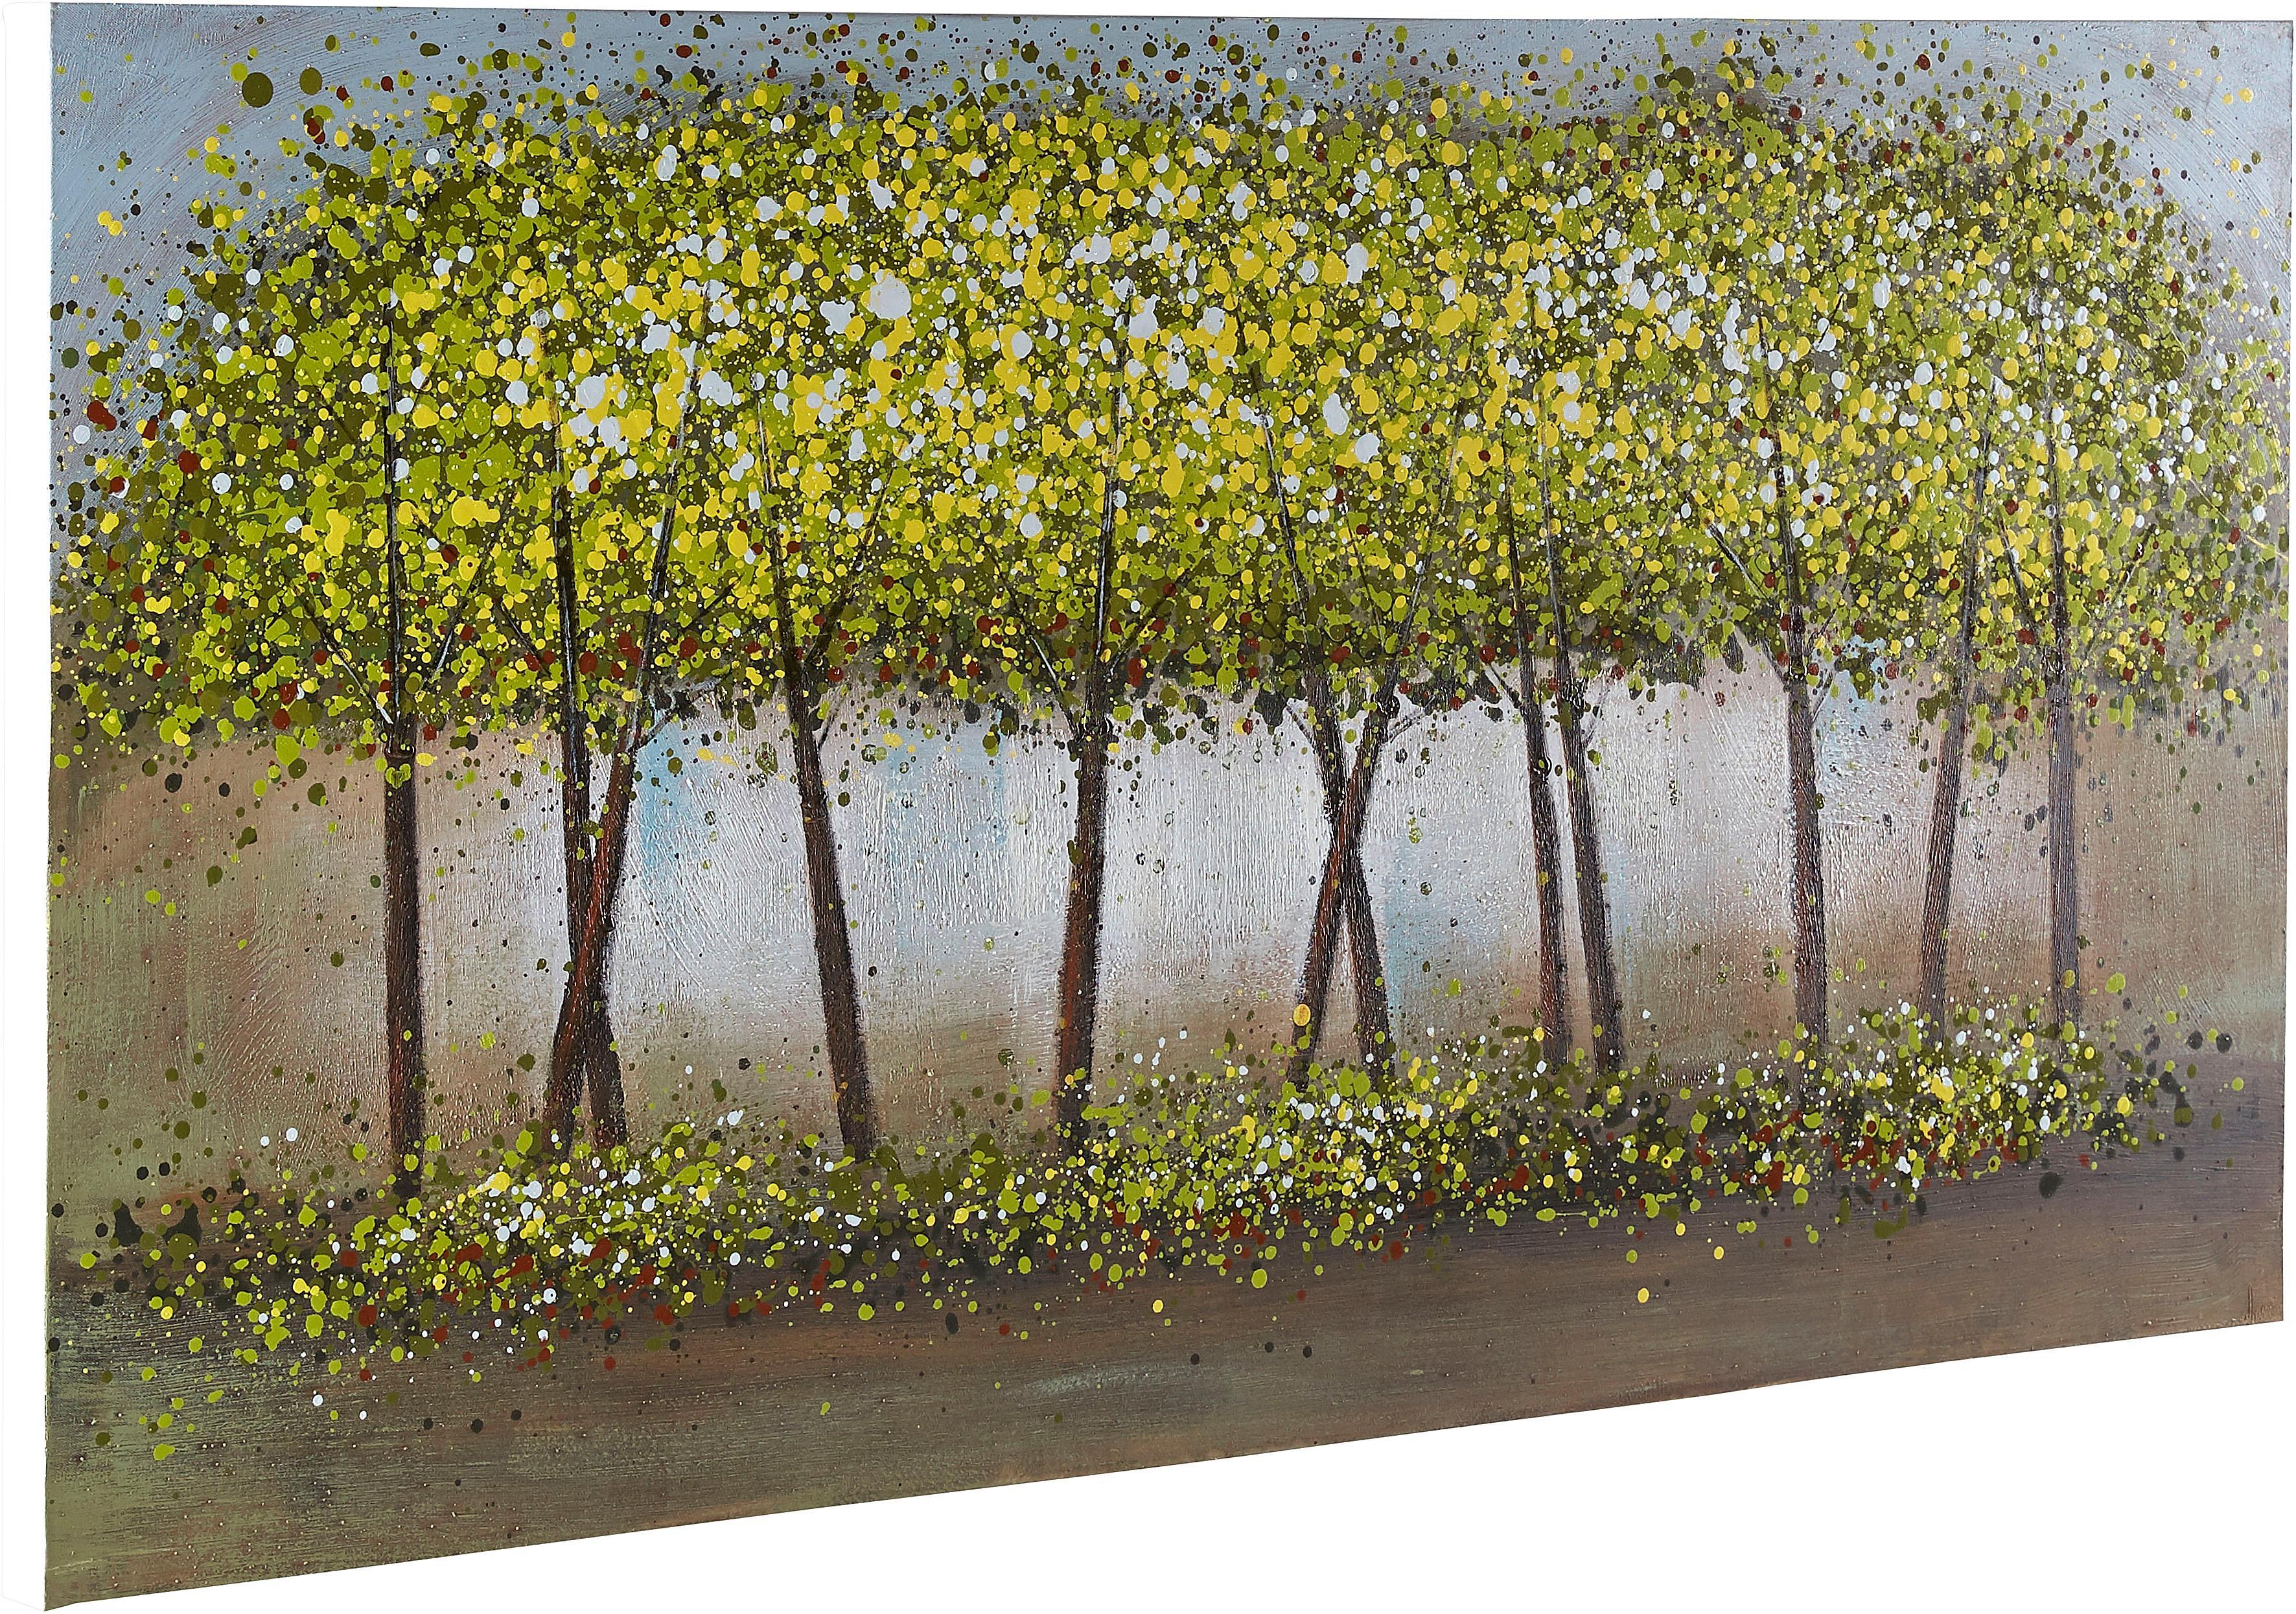 Premium collection by Home affaire Gemälde Trees Wohnen/Accessoires & Leuchten/Wohnaccessoires/Bilder & Bilderrahmen/Gemälde